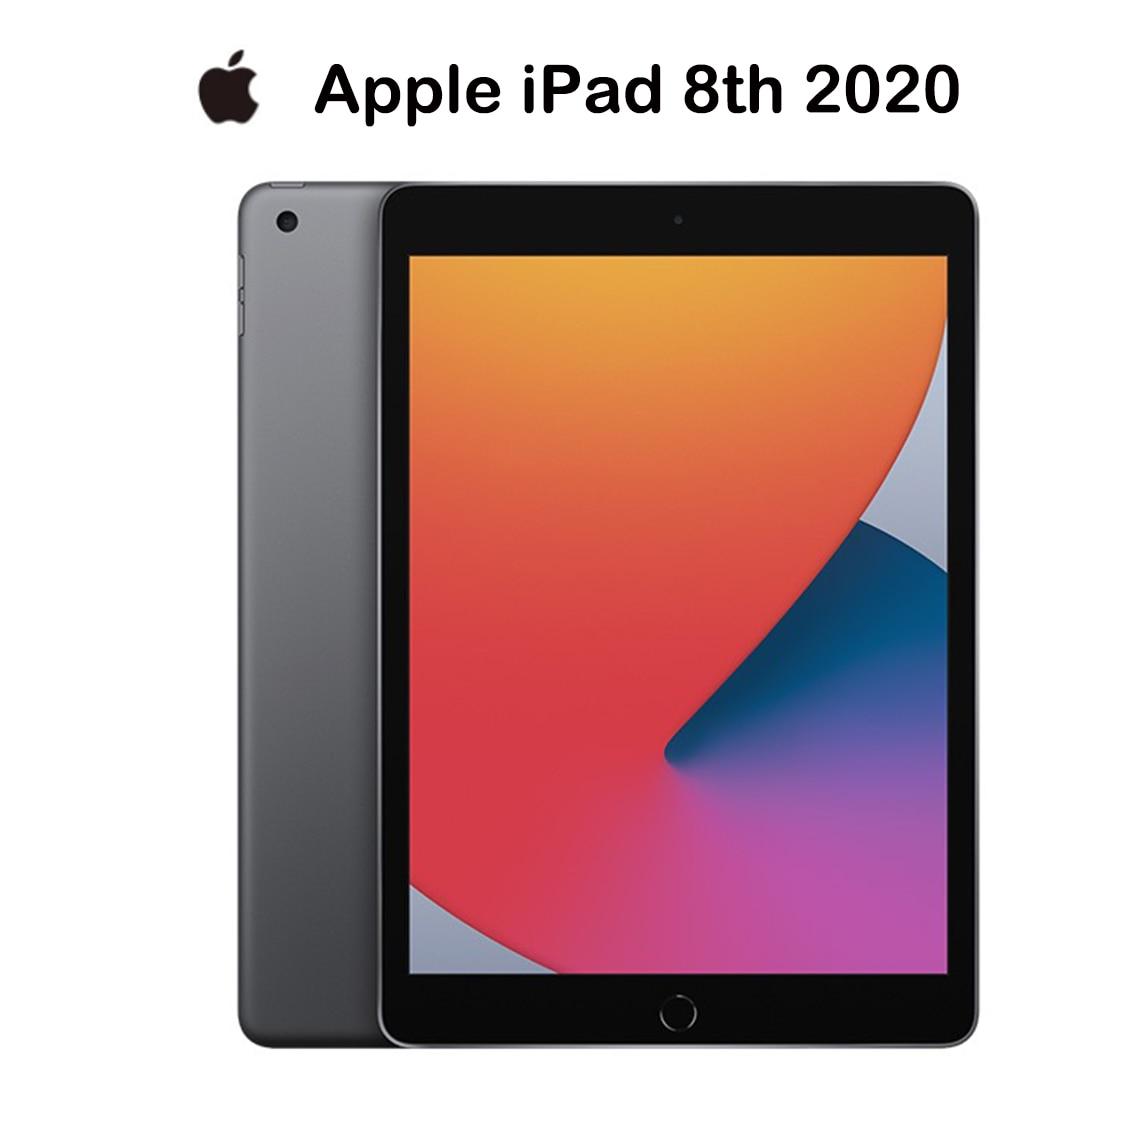 New original 2020 Apple iPad 2020 iPad 8 Gray(10.2-inch, Wi-Fi, 128GB) - (8th Generation)